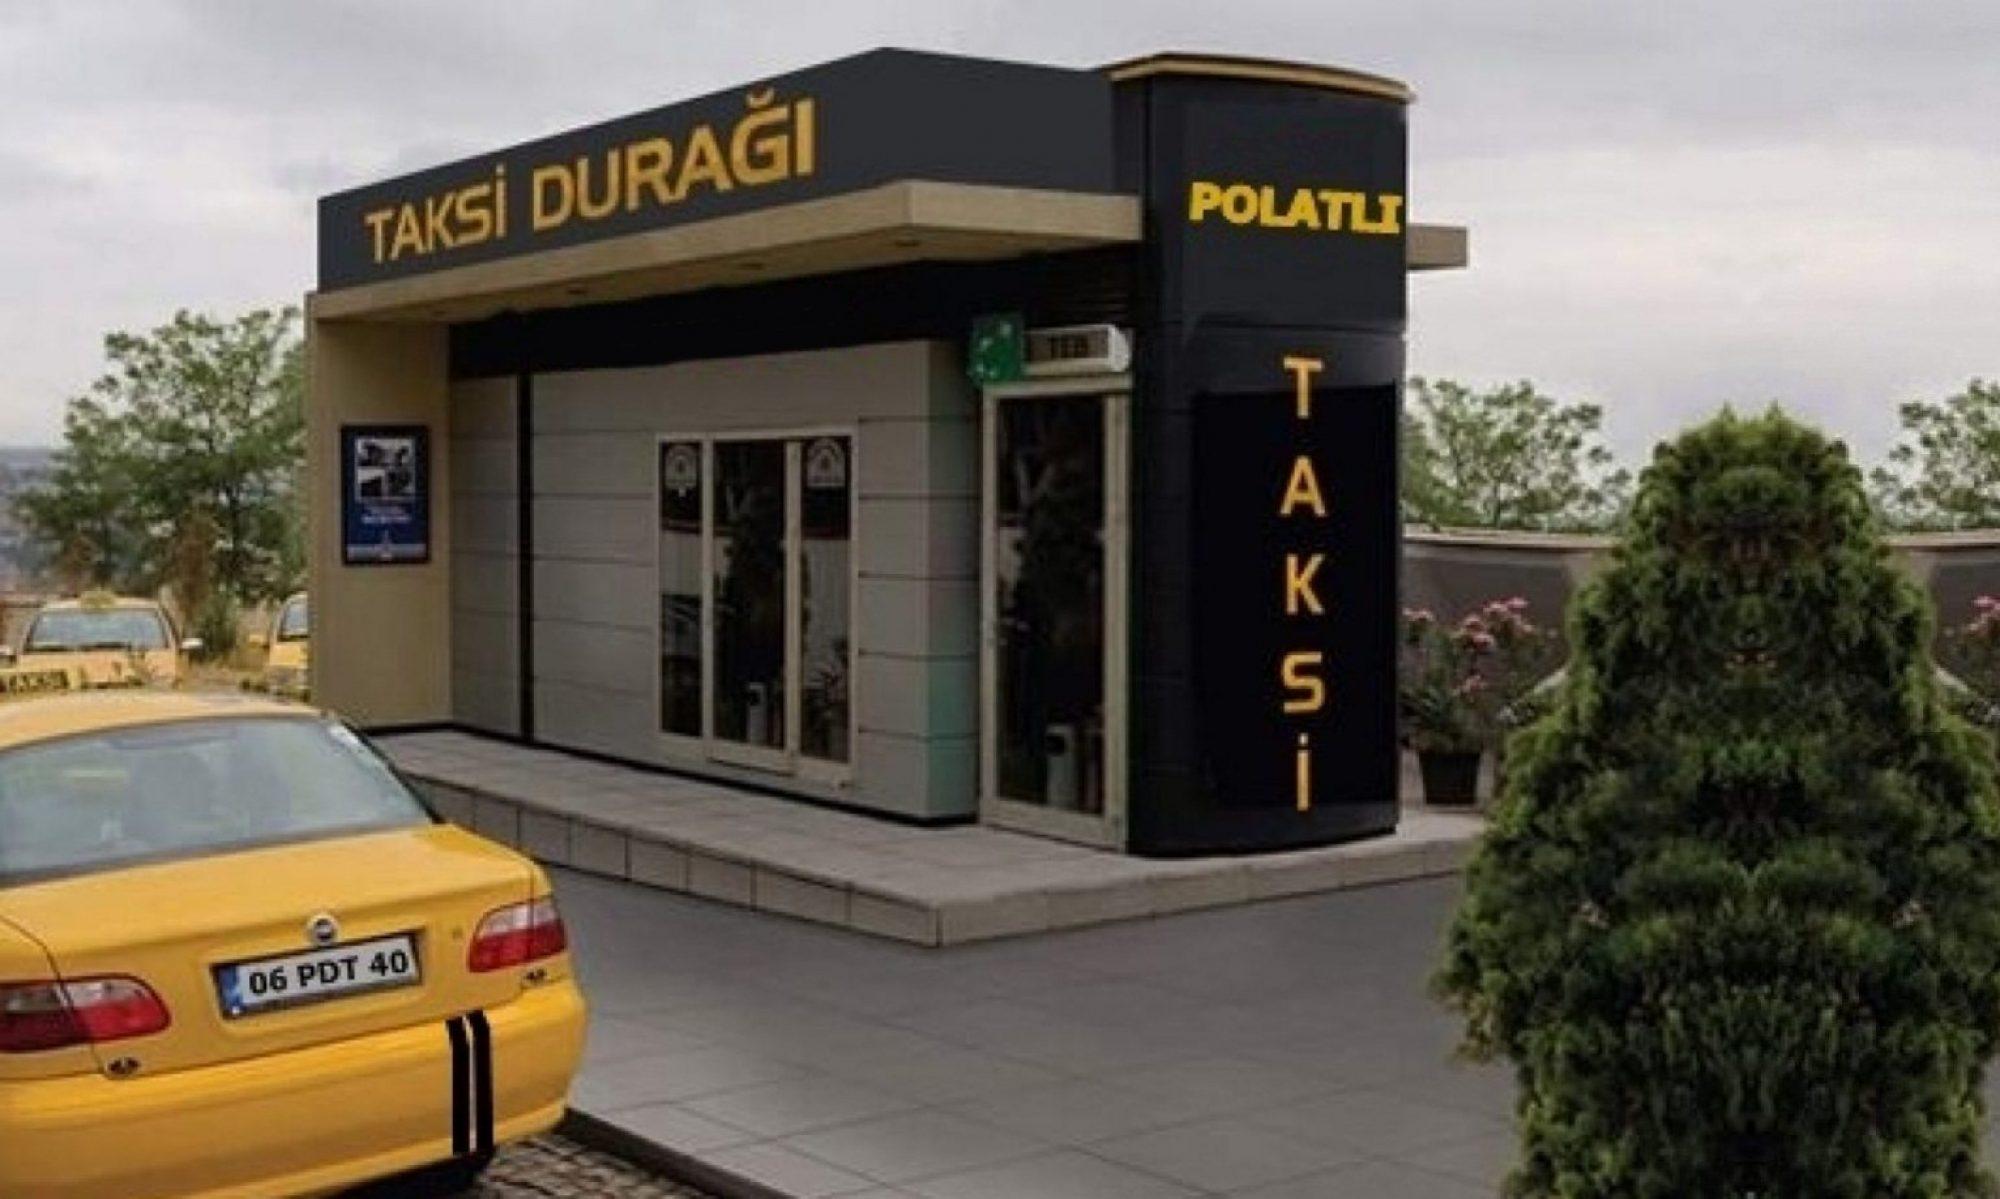 Polatlı Taksi